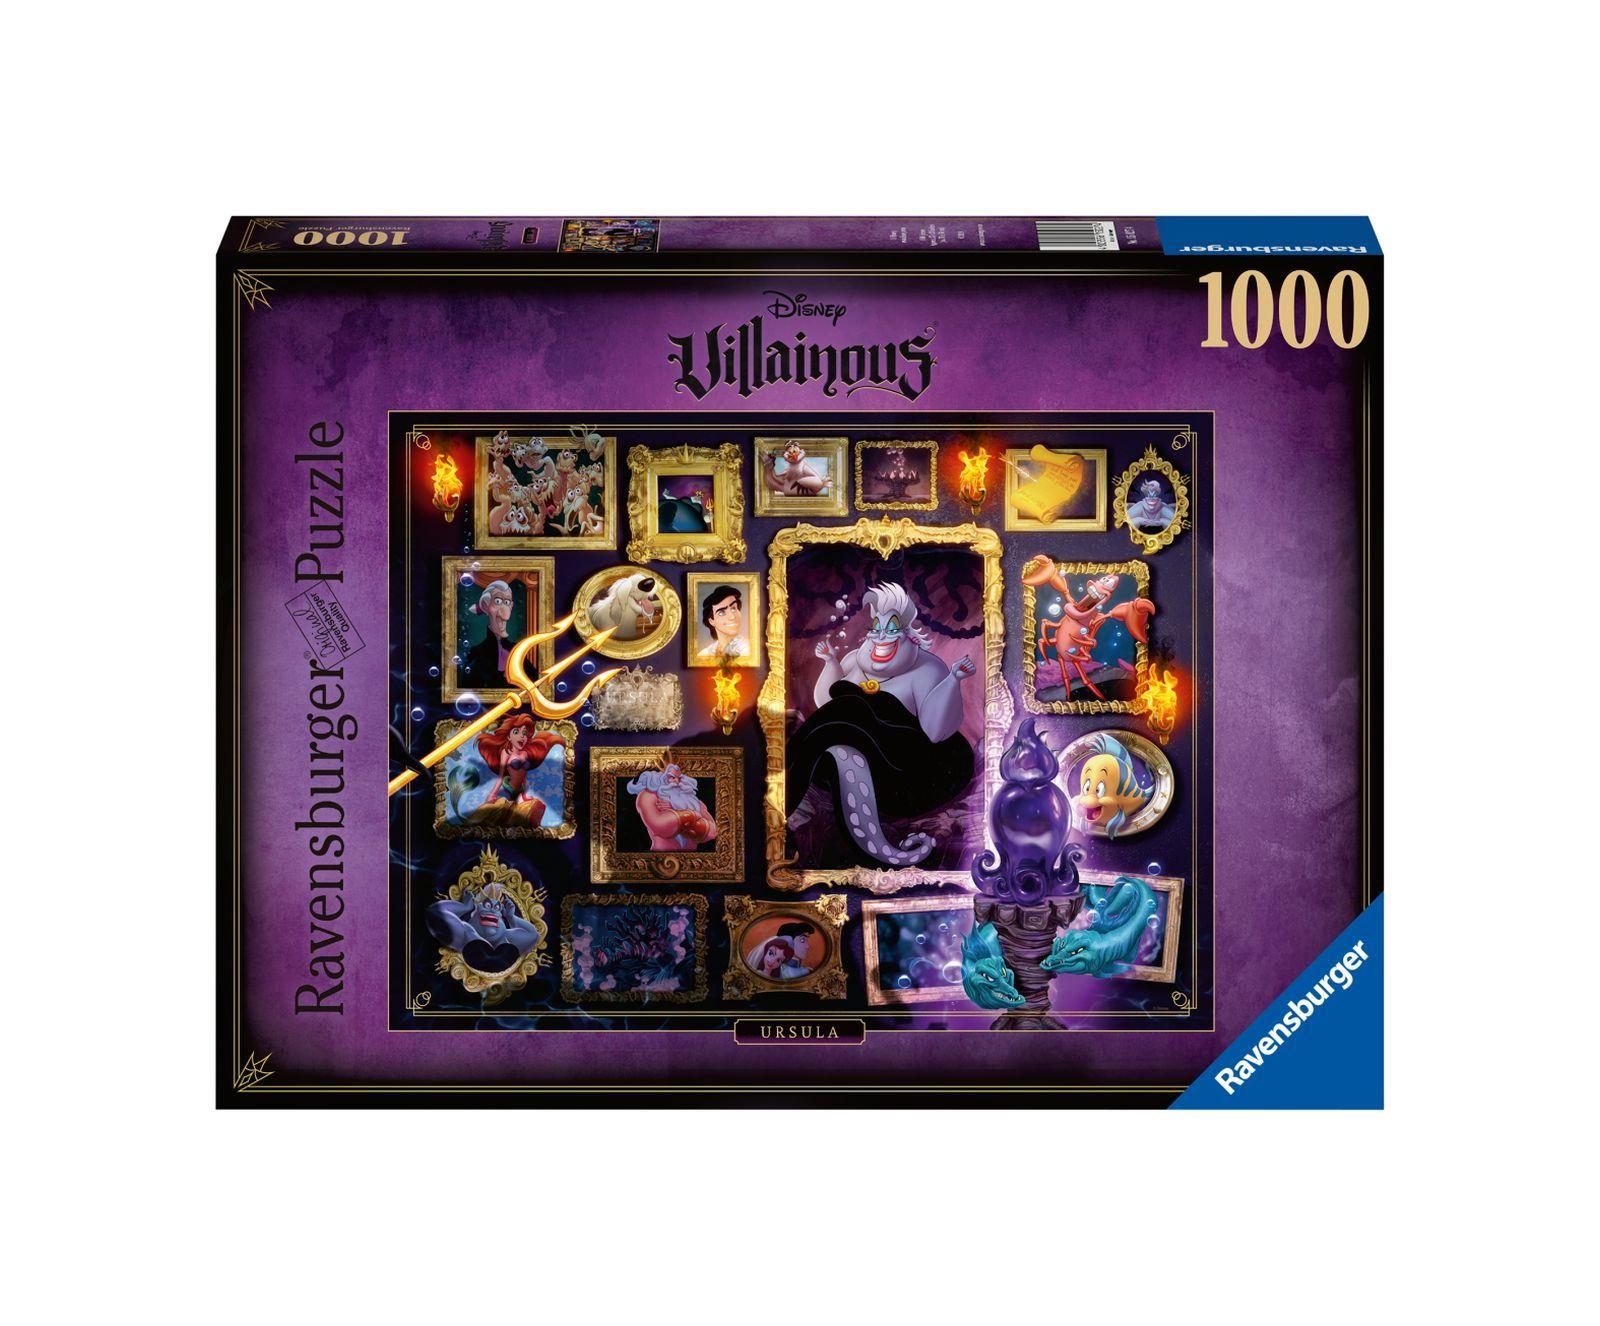 Ravensburger puzzle 1000 pezzi disney villainous medusa - Ravensburger1